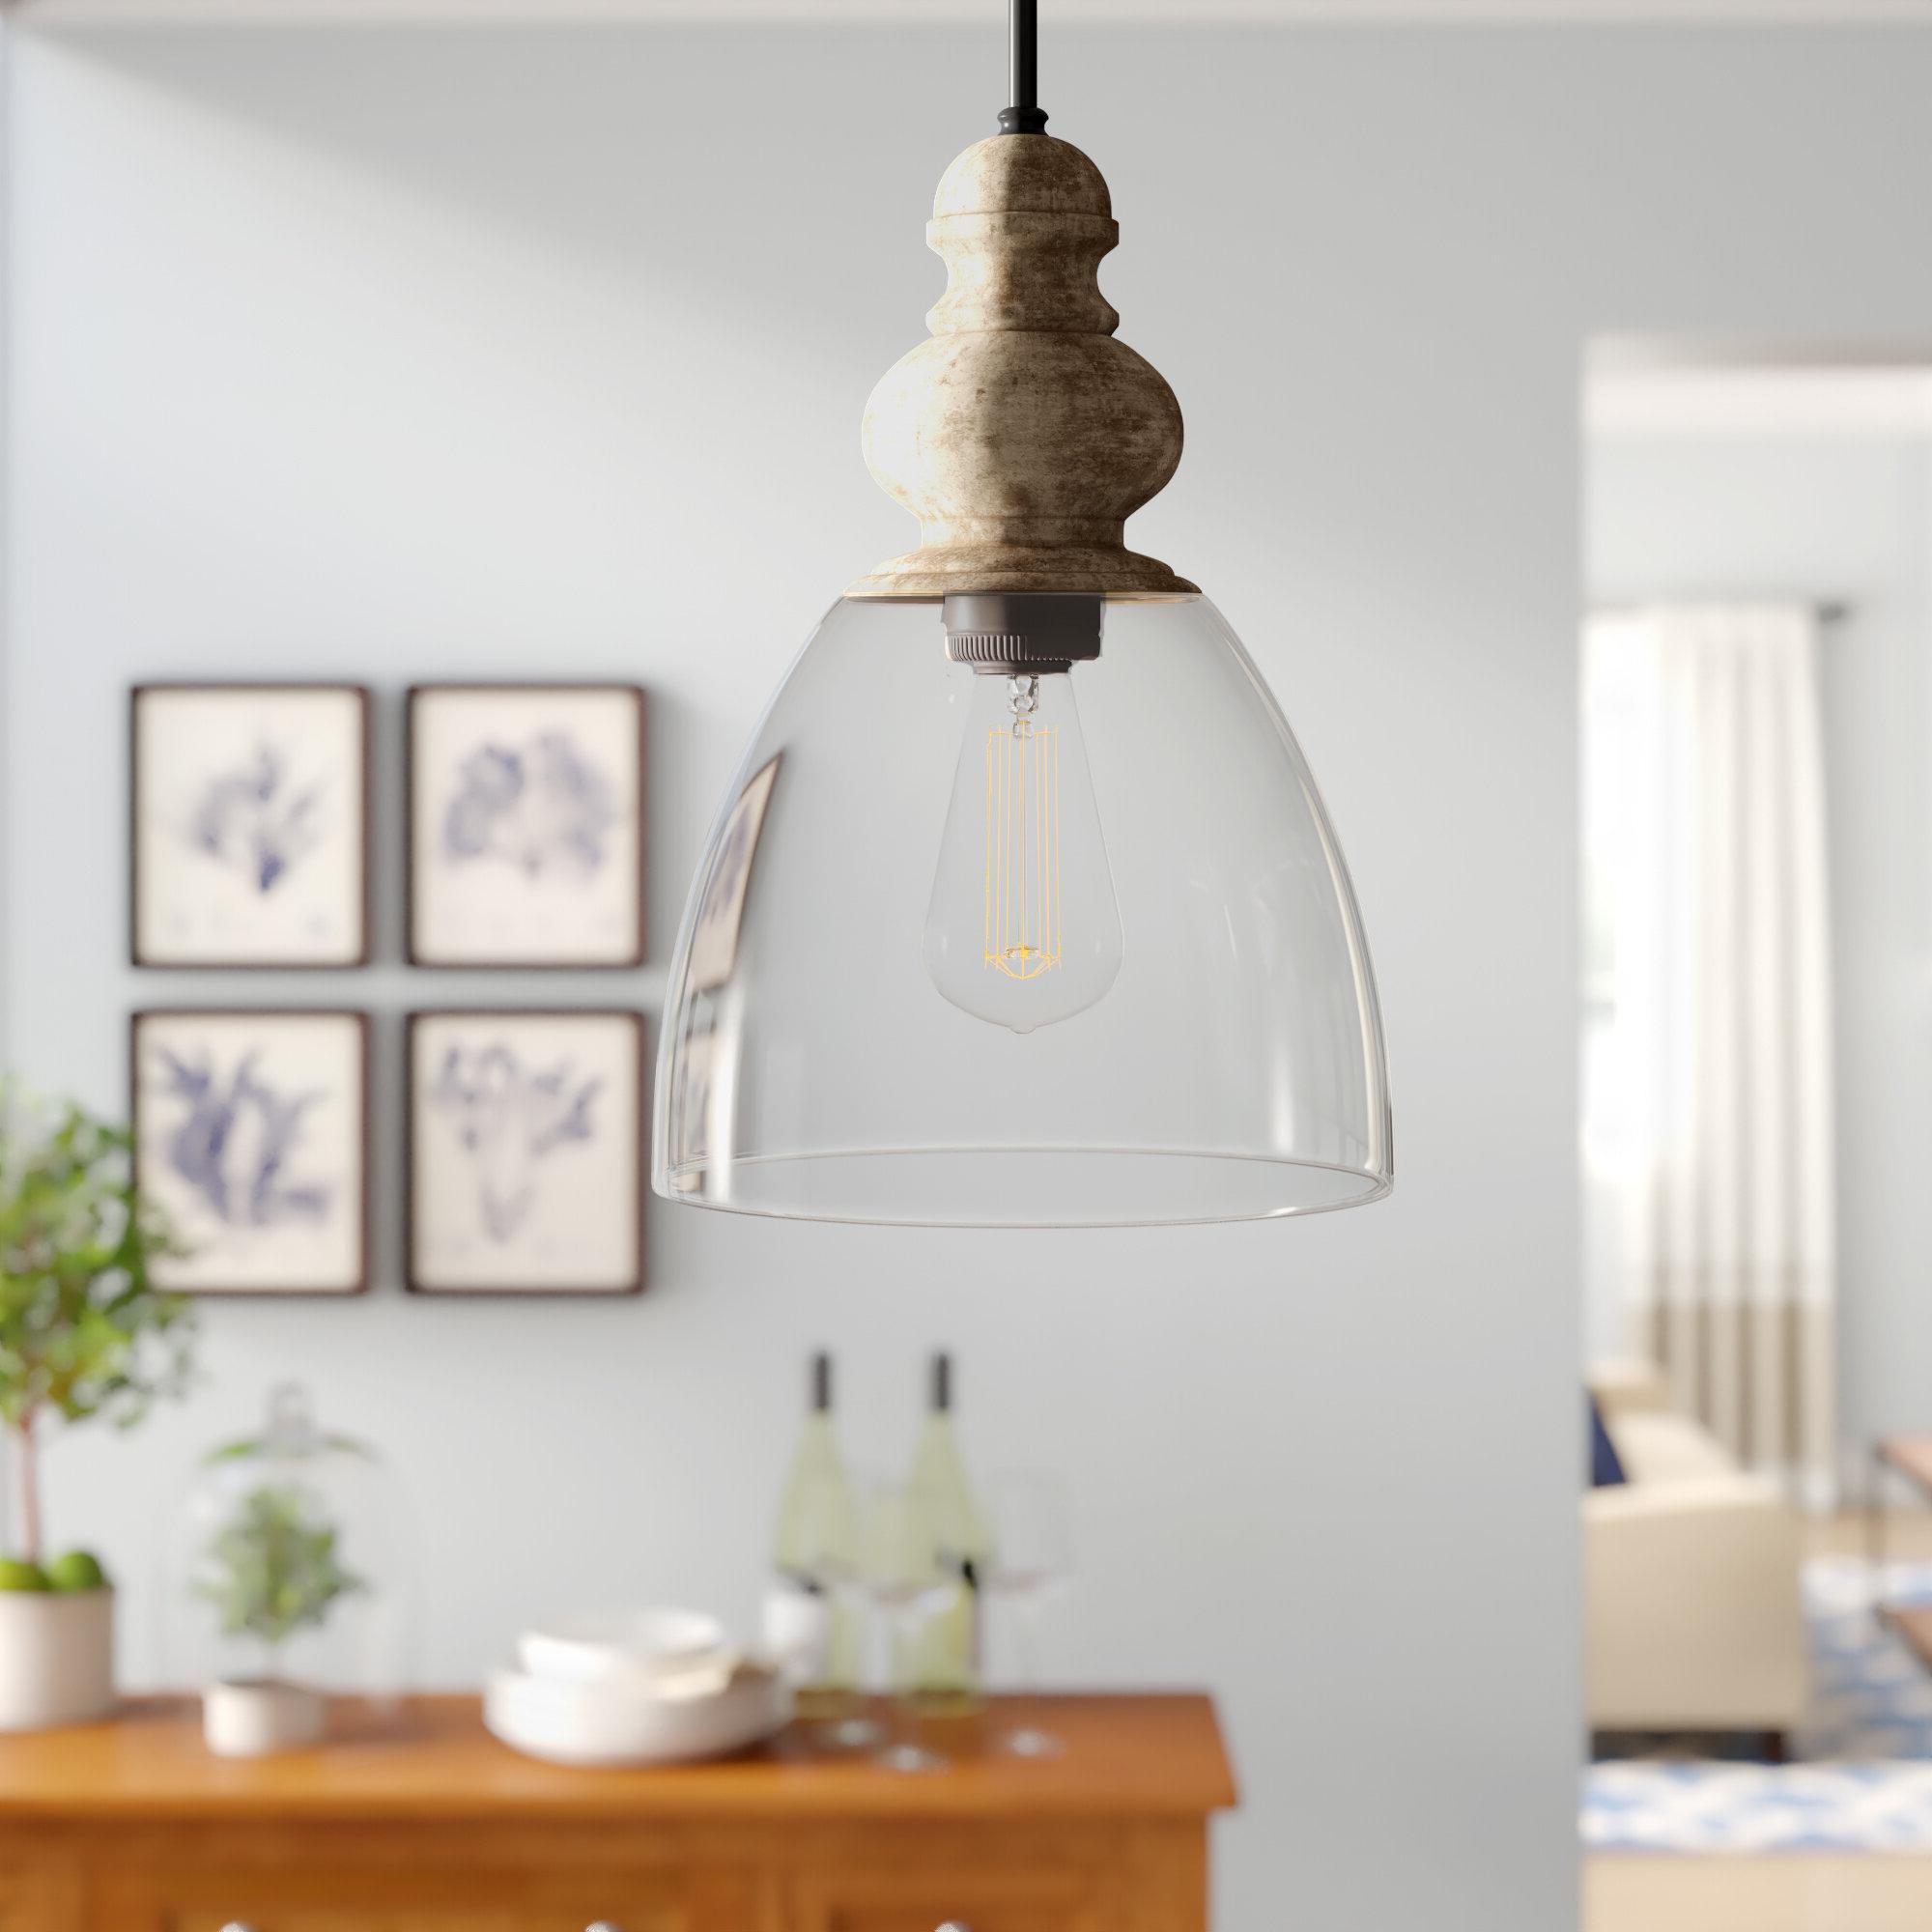 Laurel Foundry Modern Farmhouse Lemelle 1 Light Single Bell Pendant Regarding 2019 Terry 1 Light Single Bell Pendants (Gallery 6 of 20)